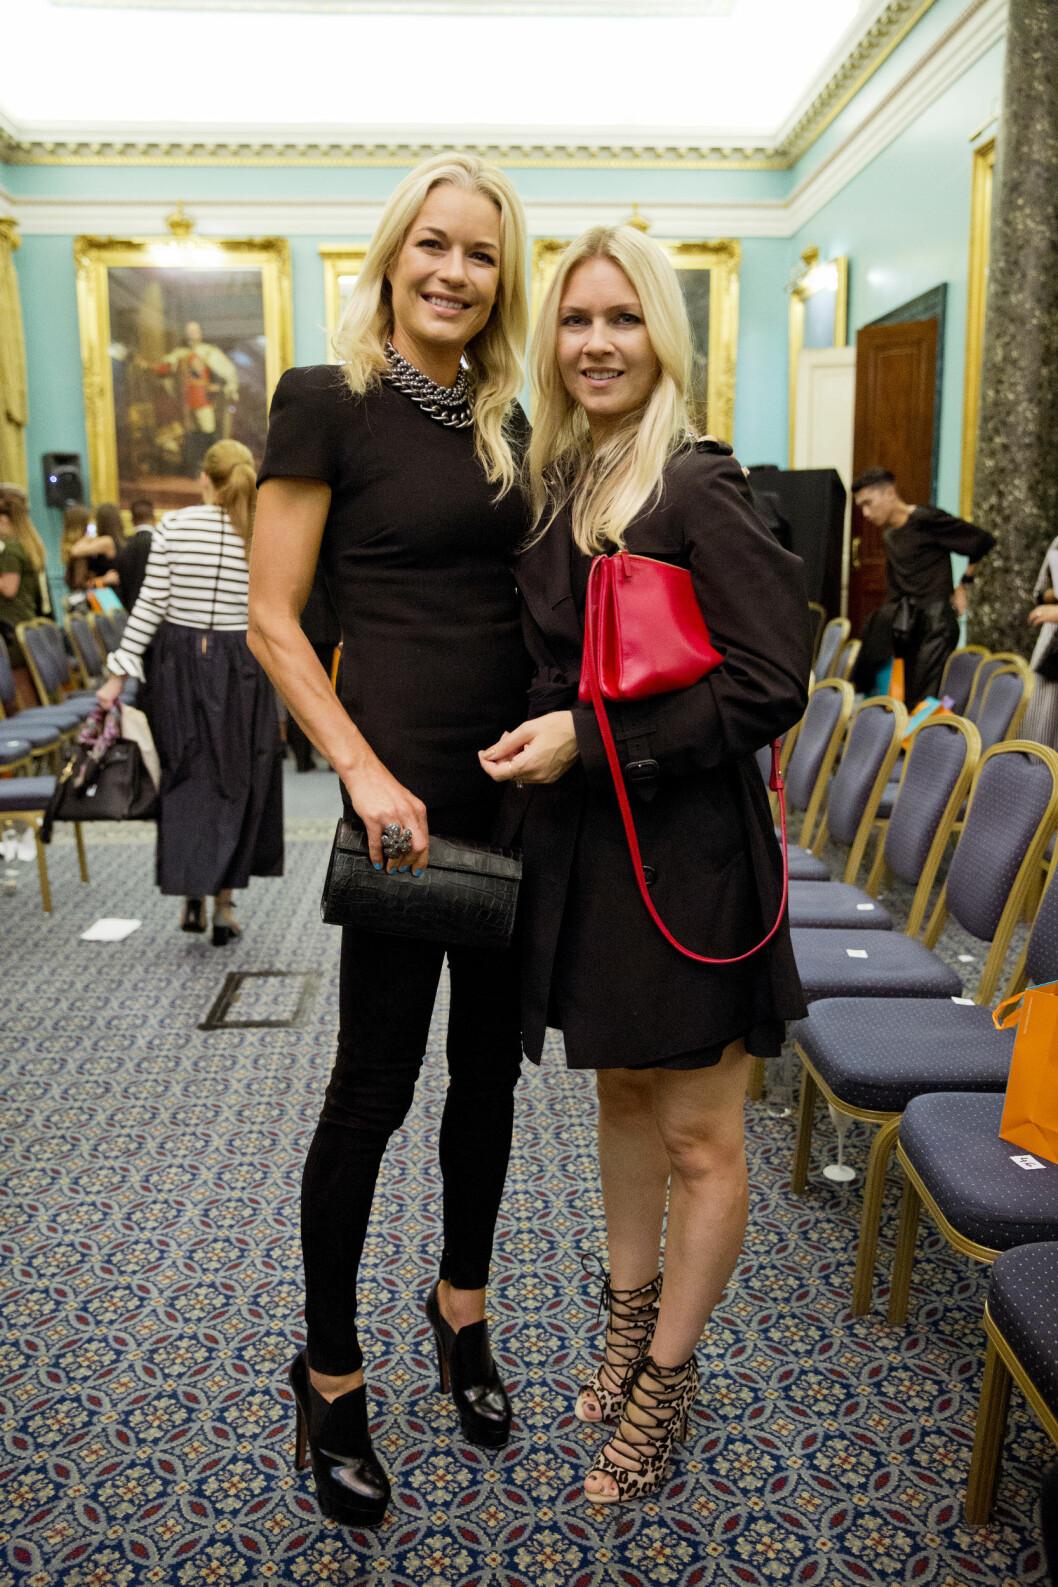 KK-SILJE TRAFF CELINA: KKs moteredaktør Silje Pedersen fikk en prat med Celina Middelfart under norske Kristian Aadneviks visning under moteuken i London søndag.